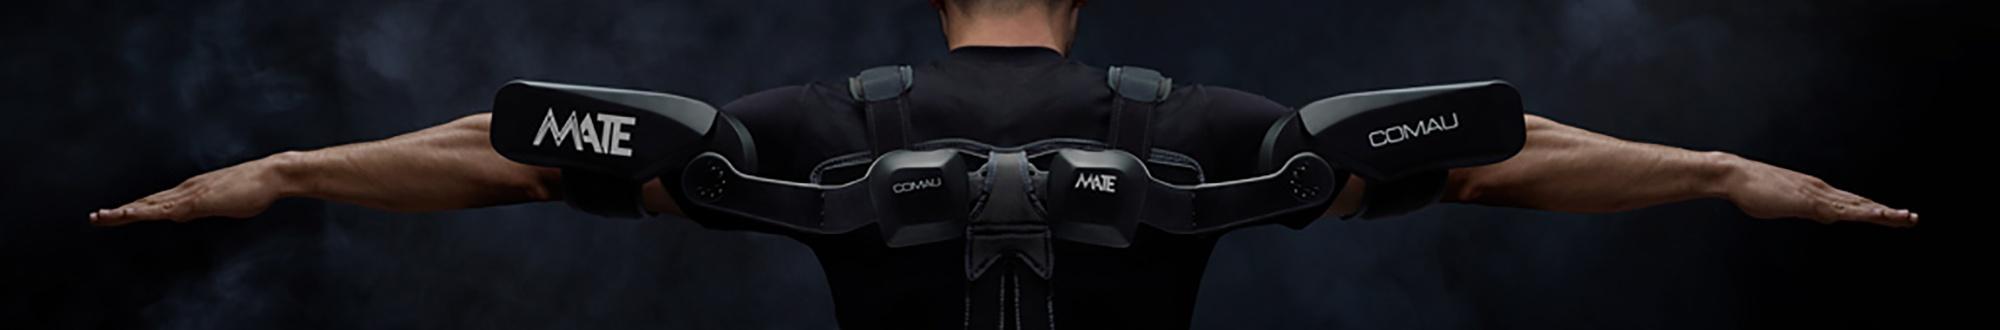 MATE - Das Exoskelett von COMAU-